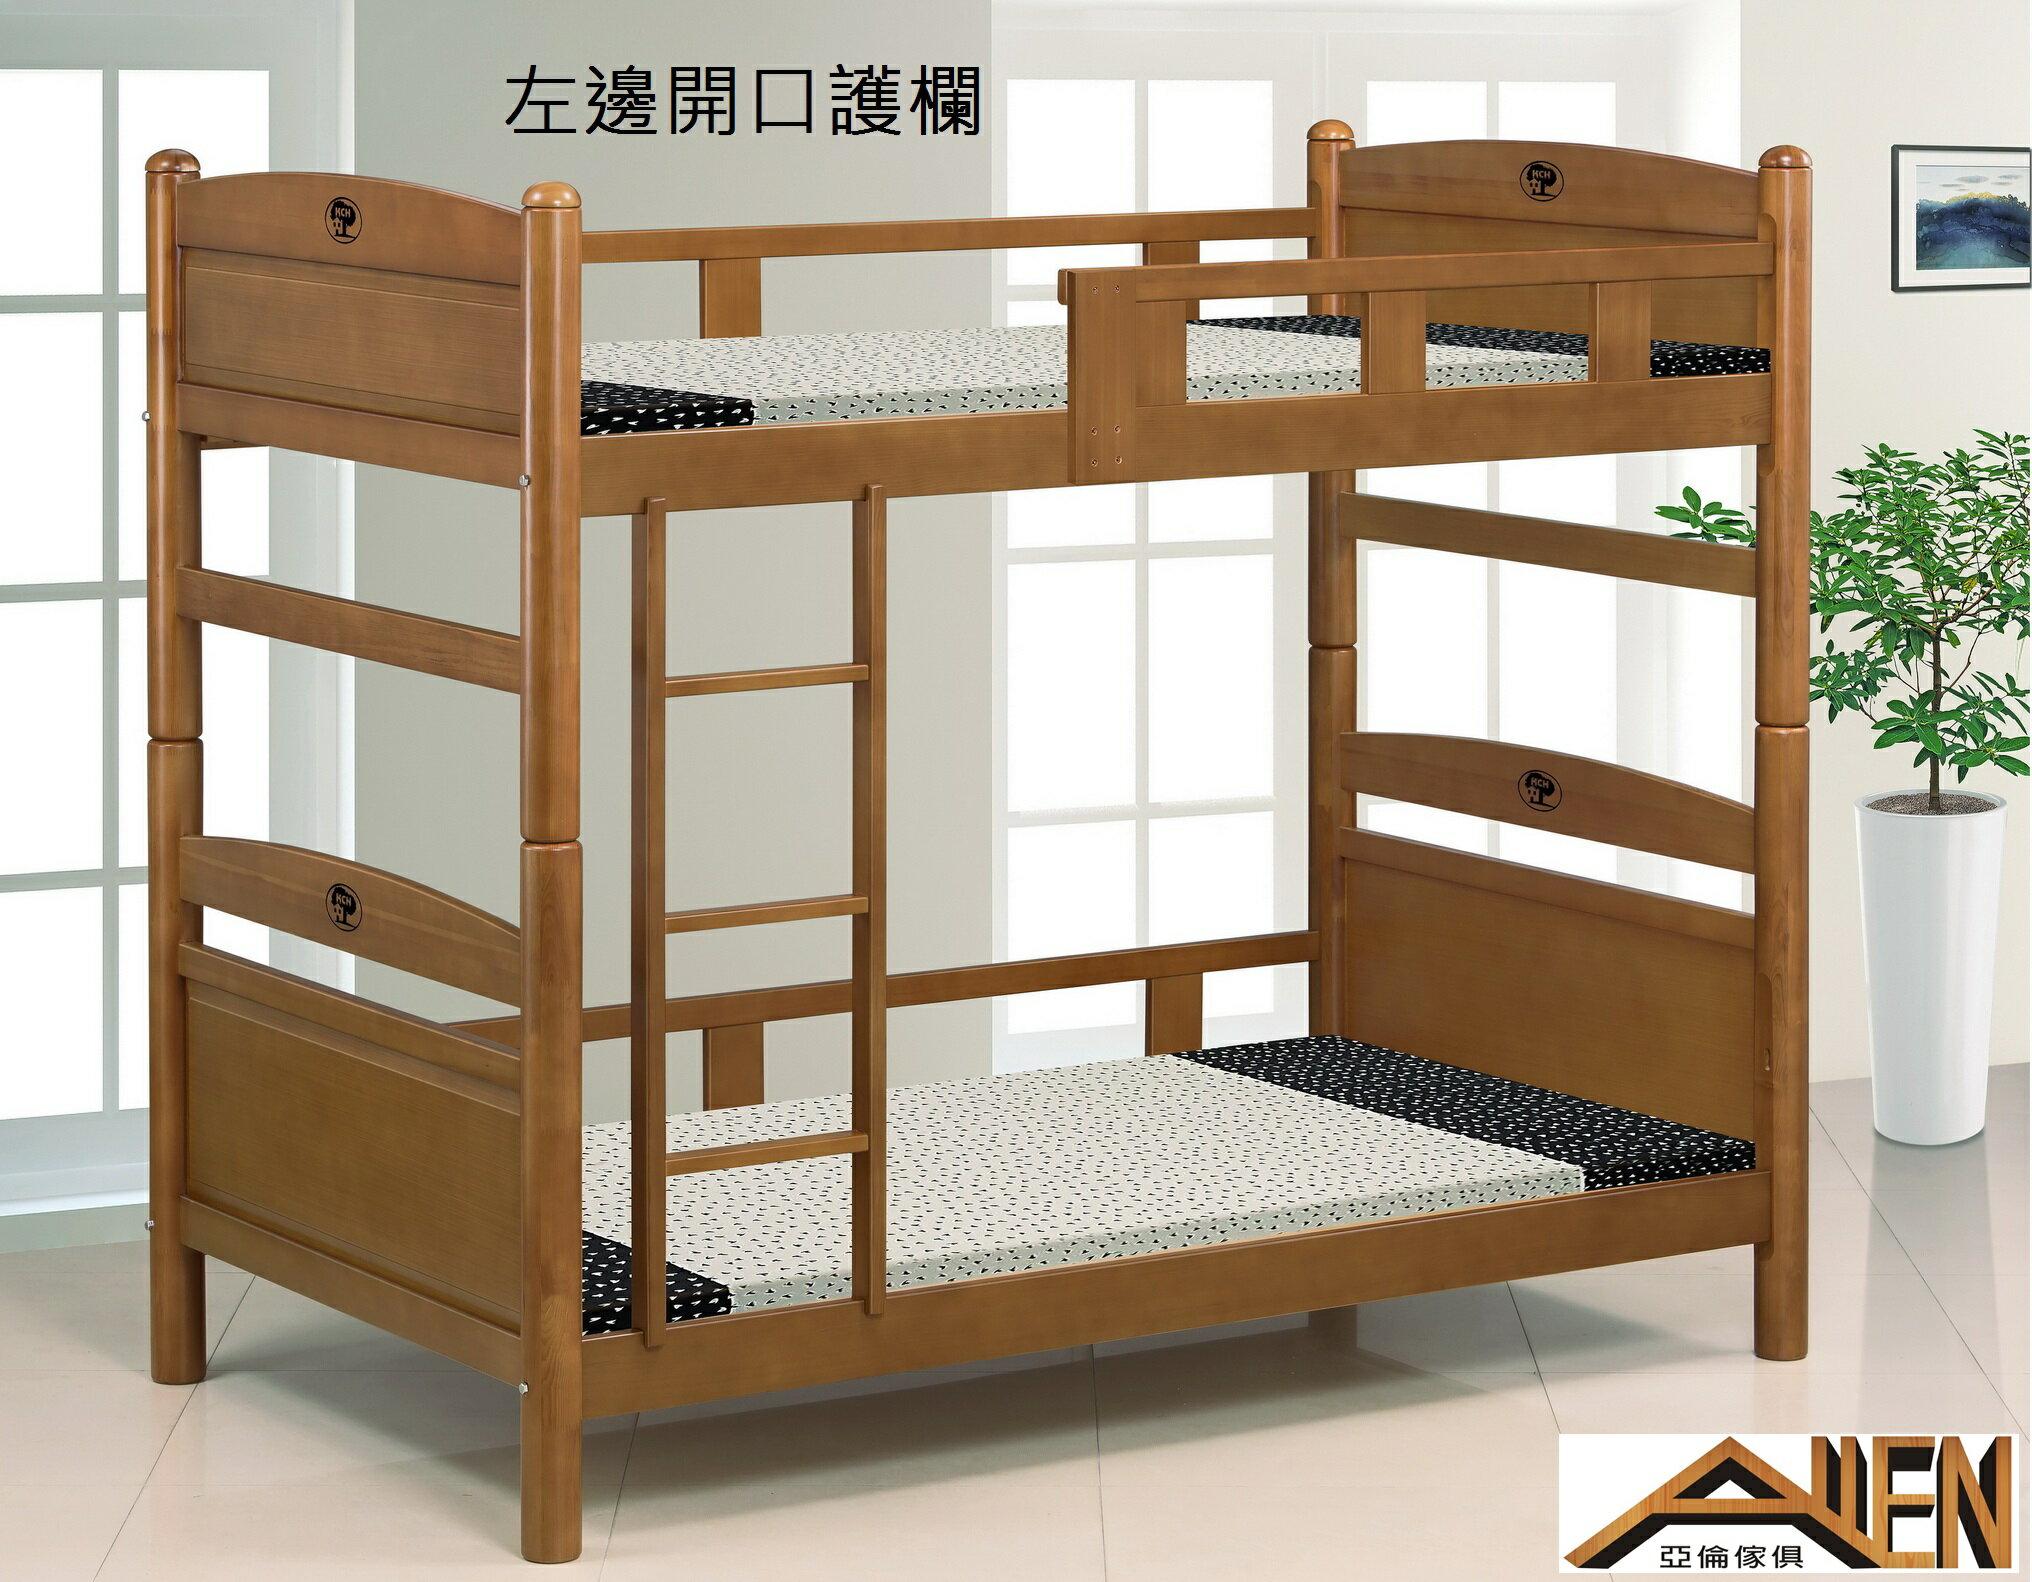 亞倫傢俱*派拉克南洋檜木實木雙層床